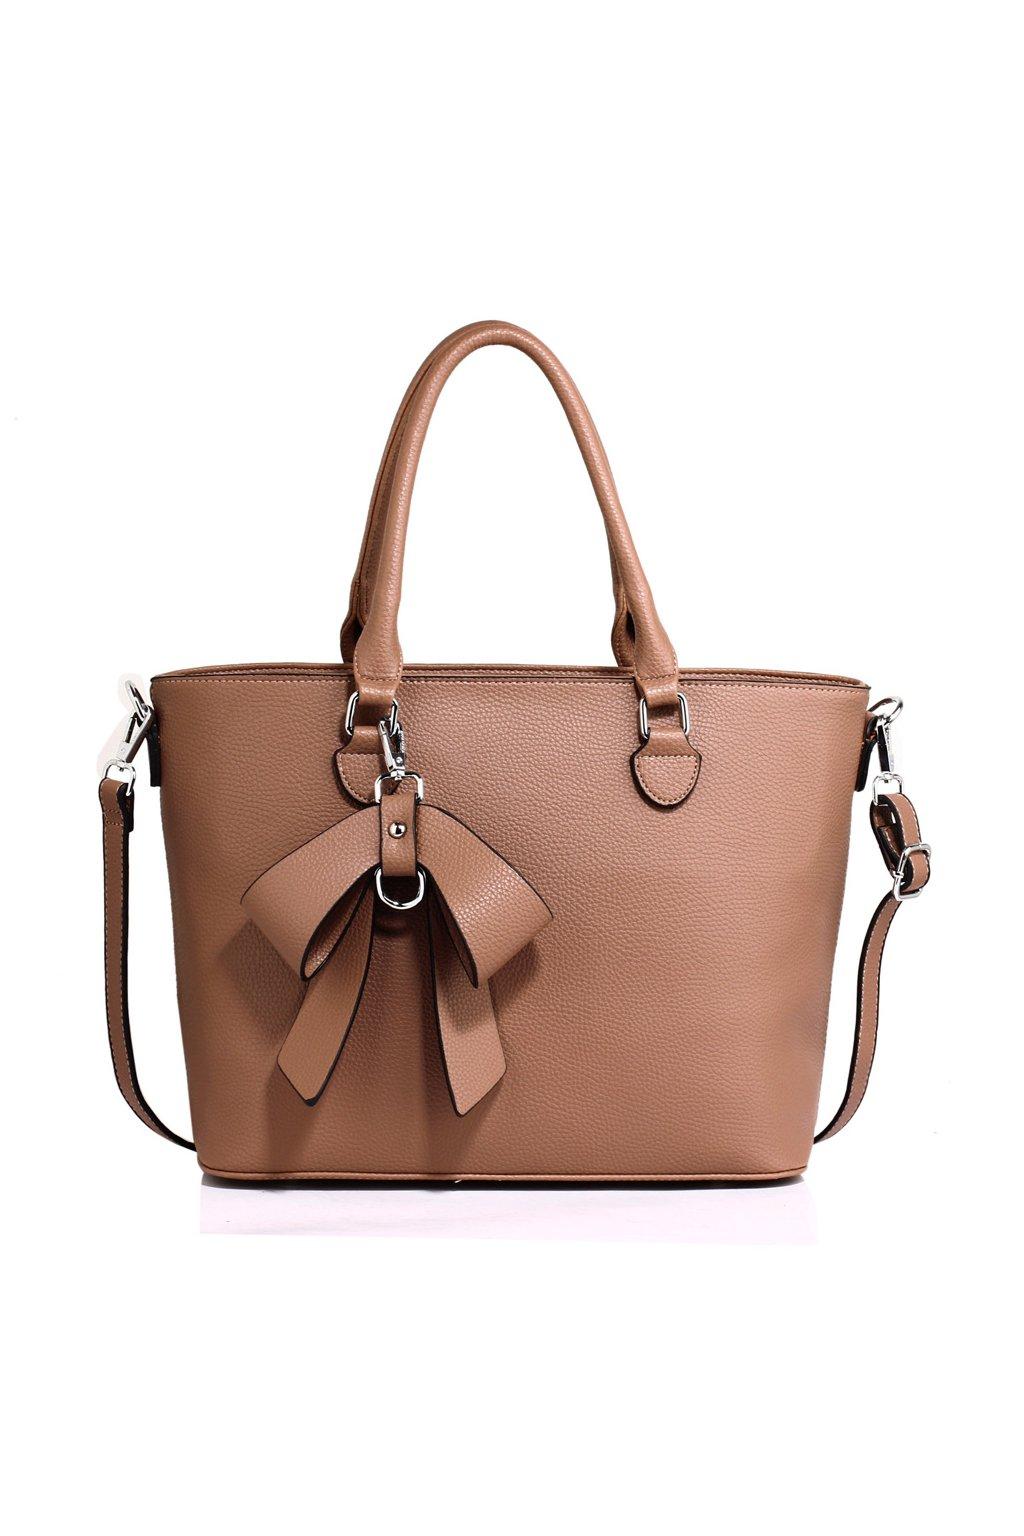 13d61aba0743 Trendy kabelka na rameno Bernie telová AG00531